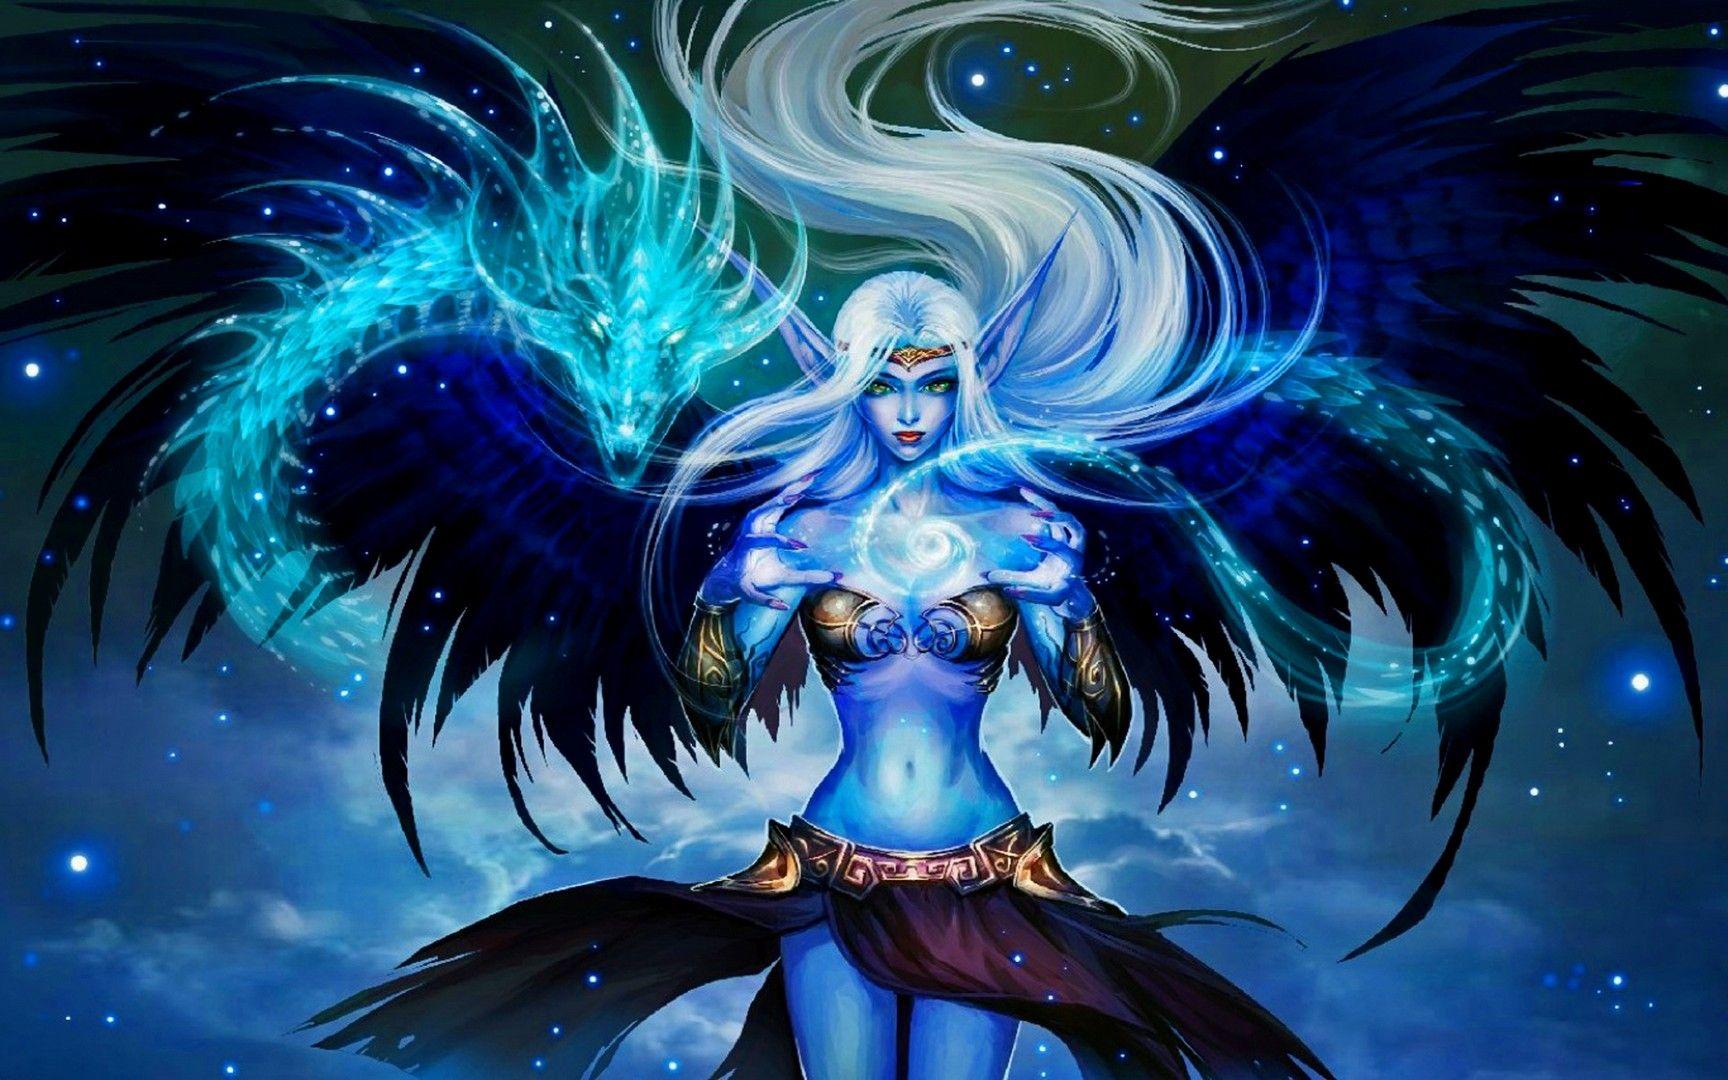 Morgana Wallpapers Epic Art Fantasy Art Angels League Of Legends